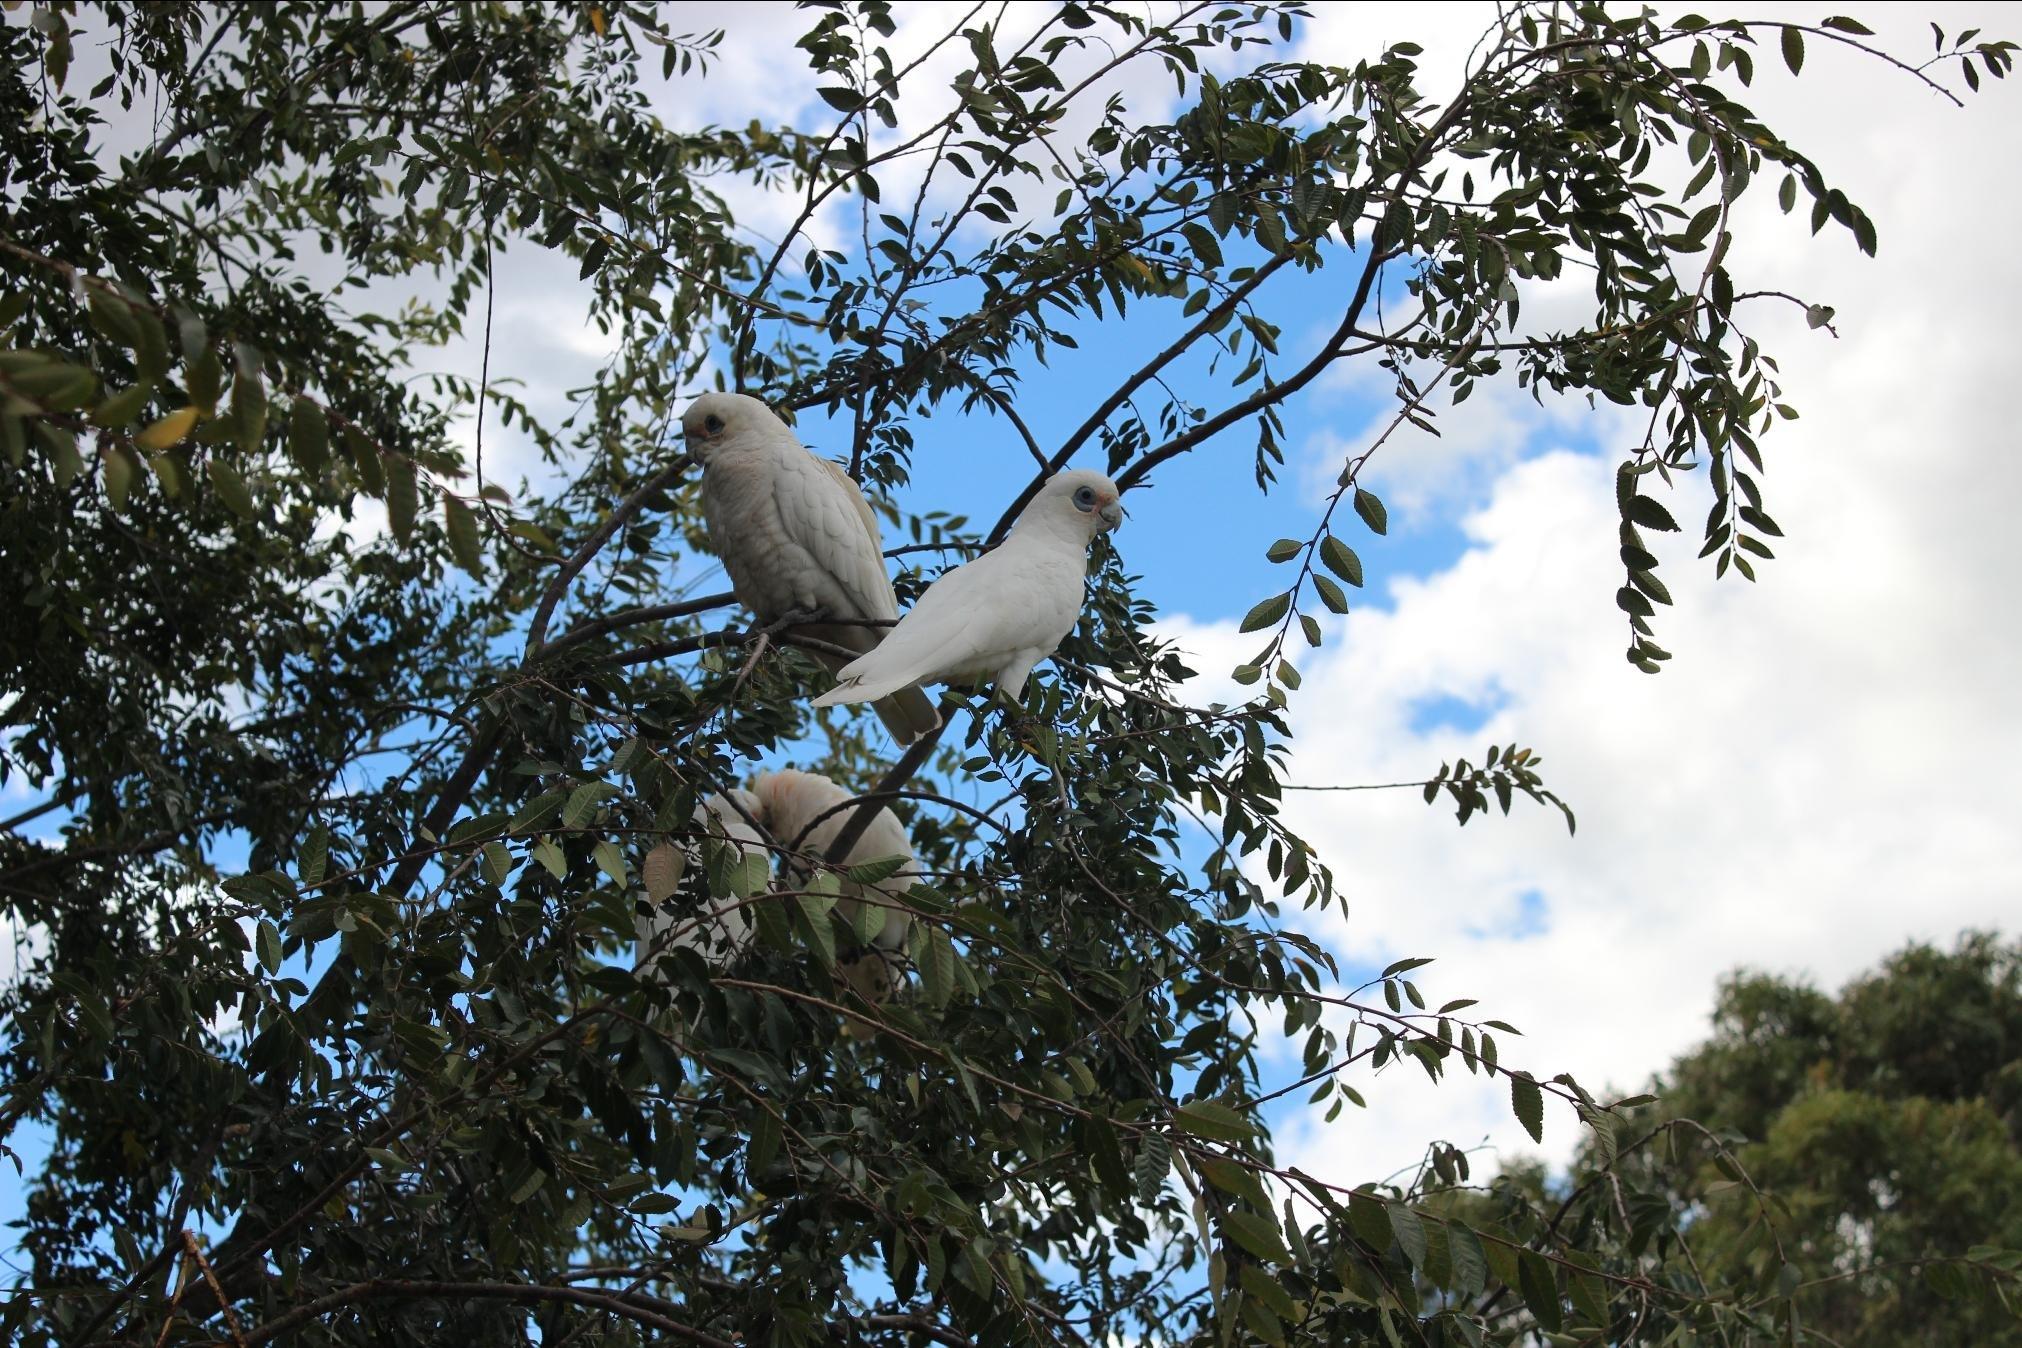 Tanimbar Corella birds